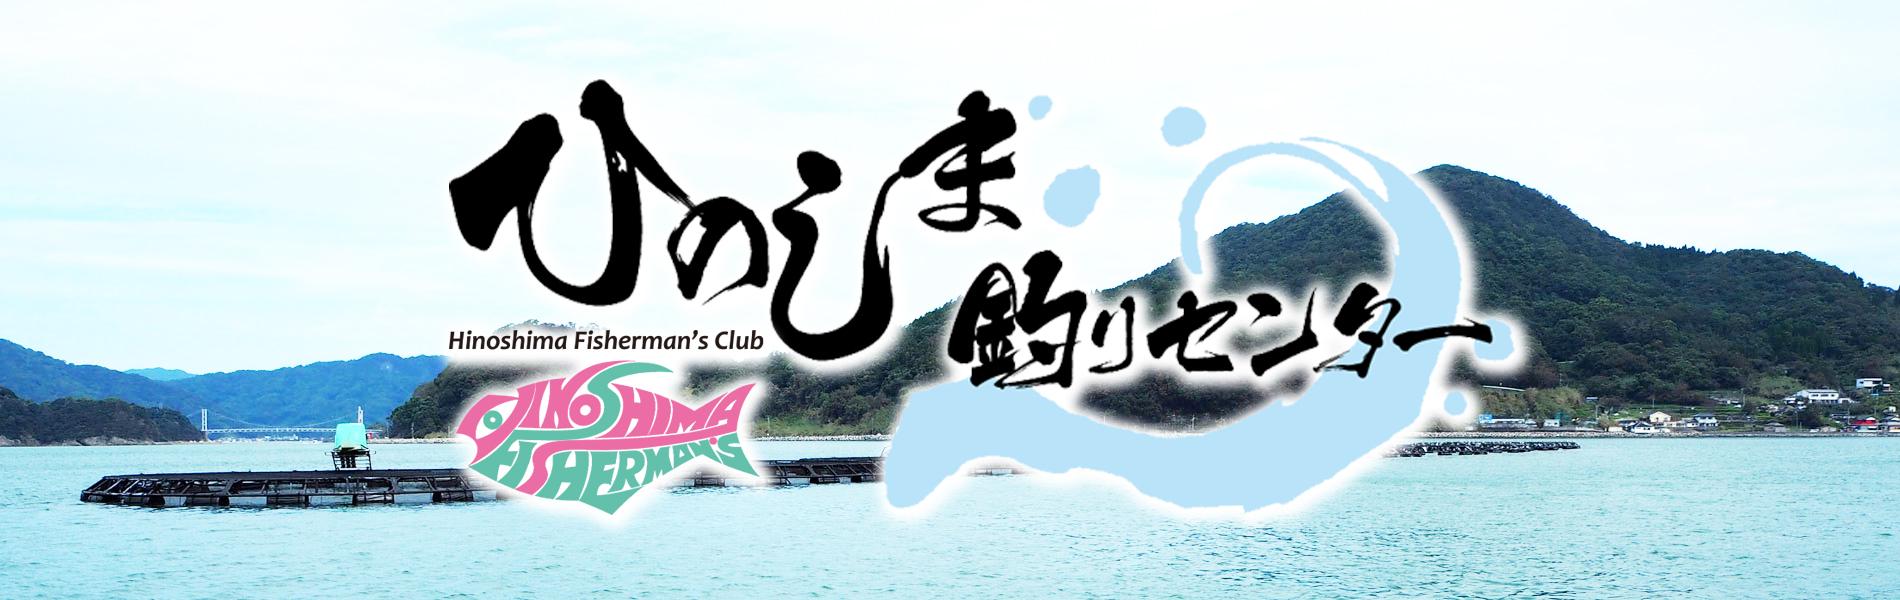 大型釣り筏 樋島にオープン!